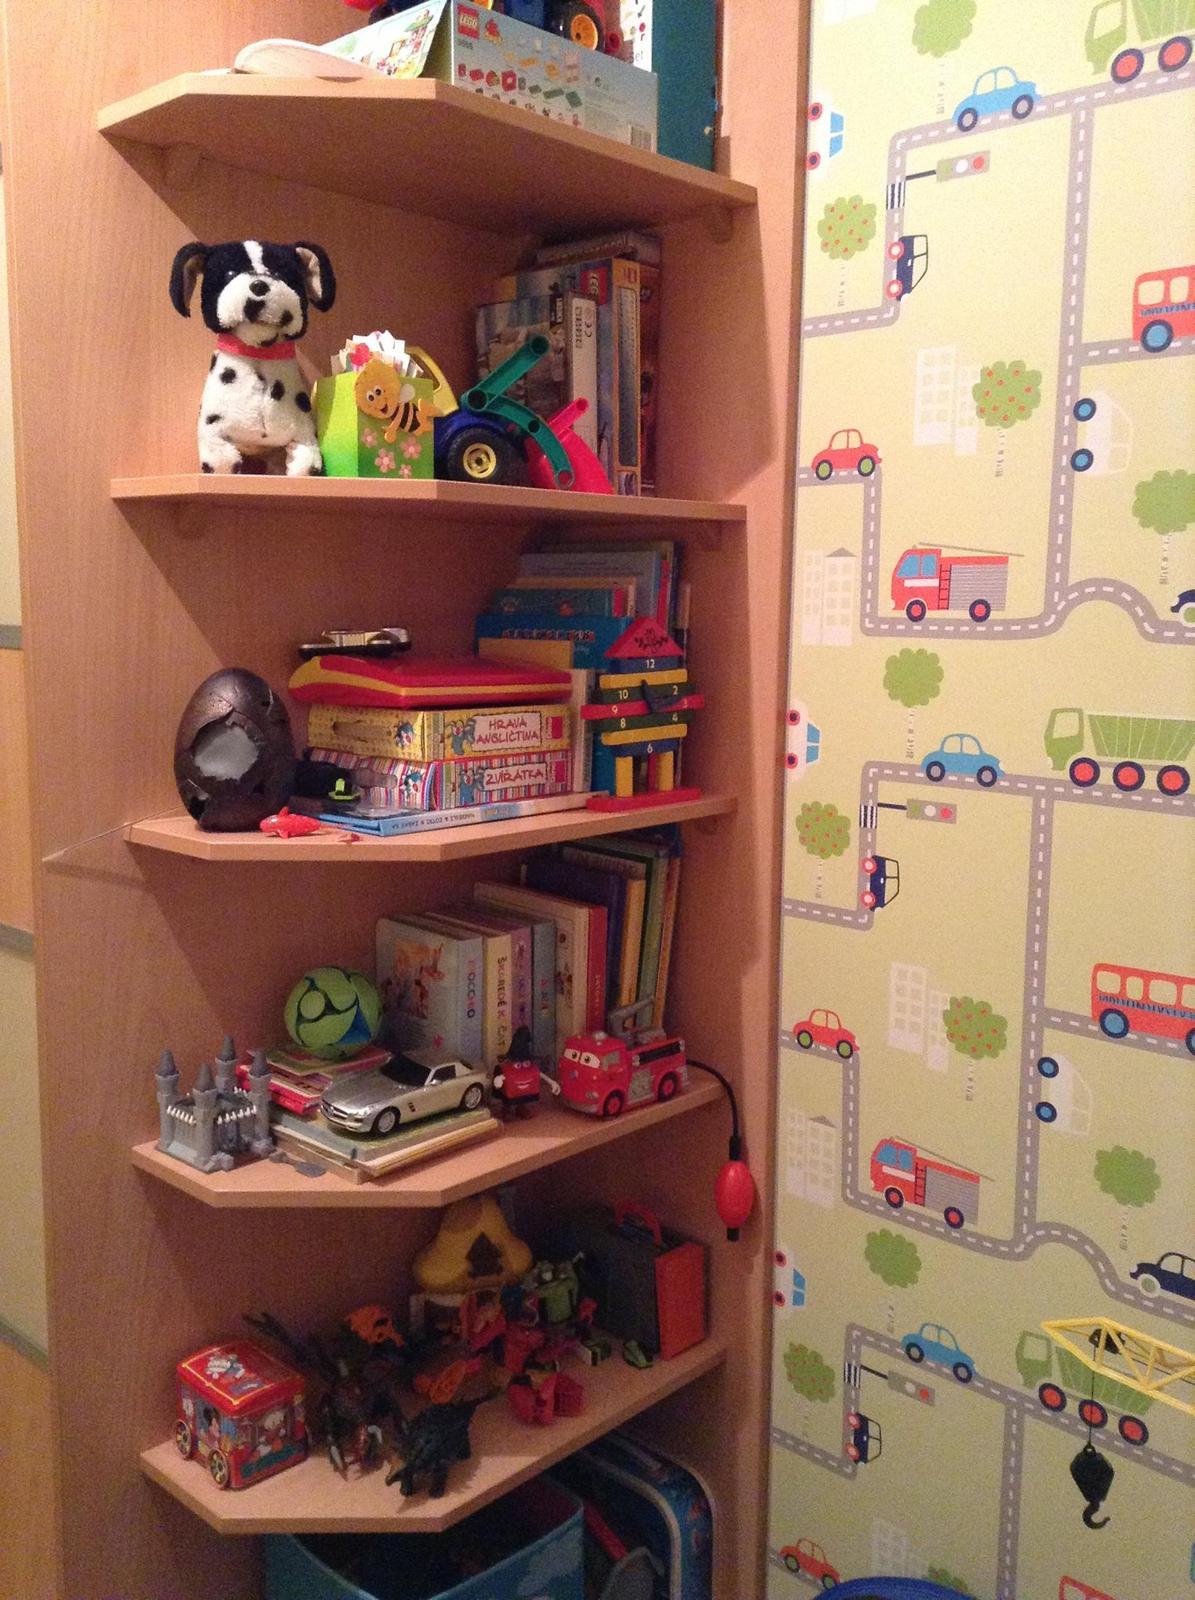 @susanne6 mala uzka izba... - Obrázok č. 3